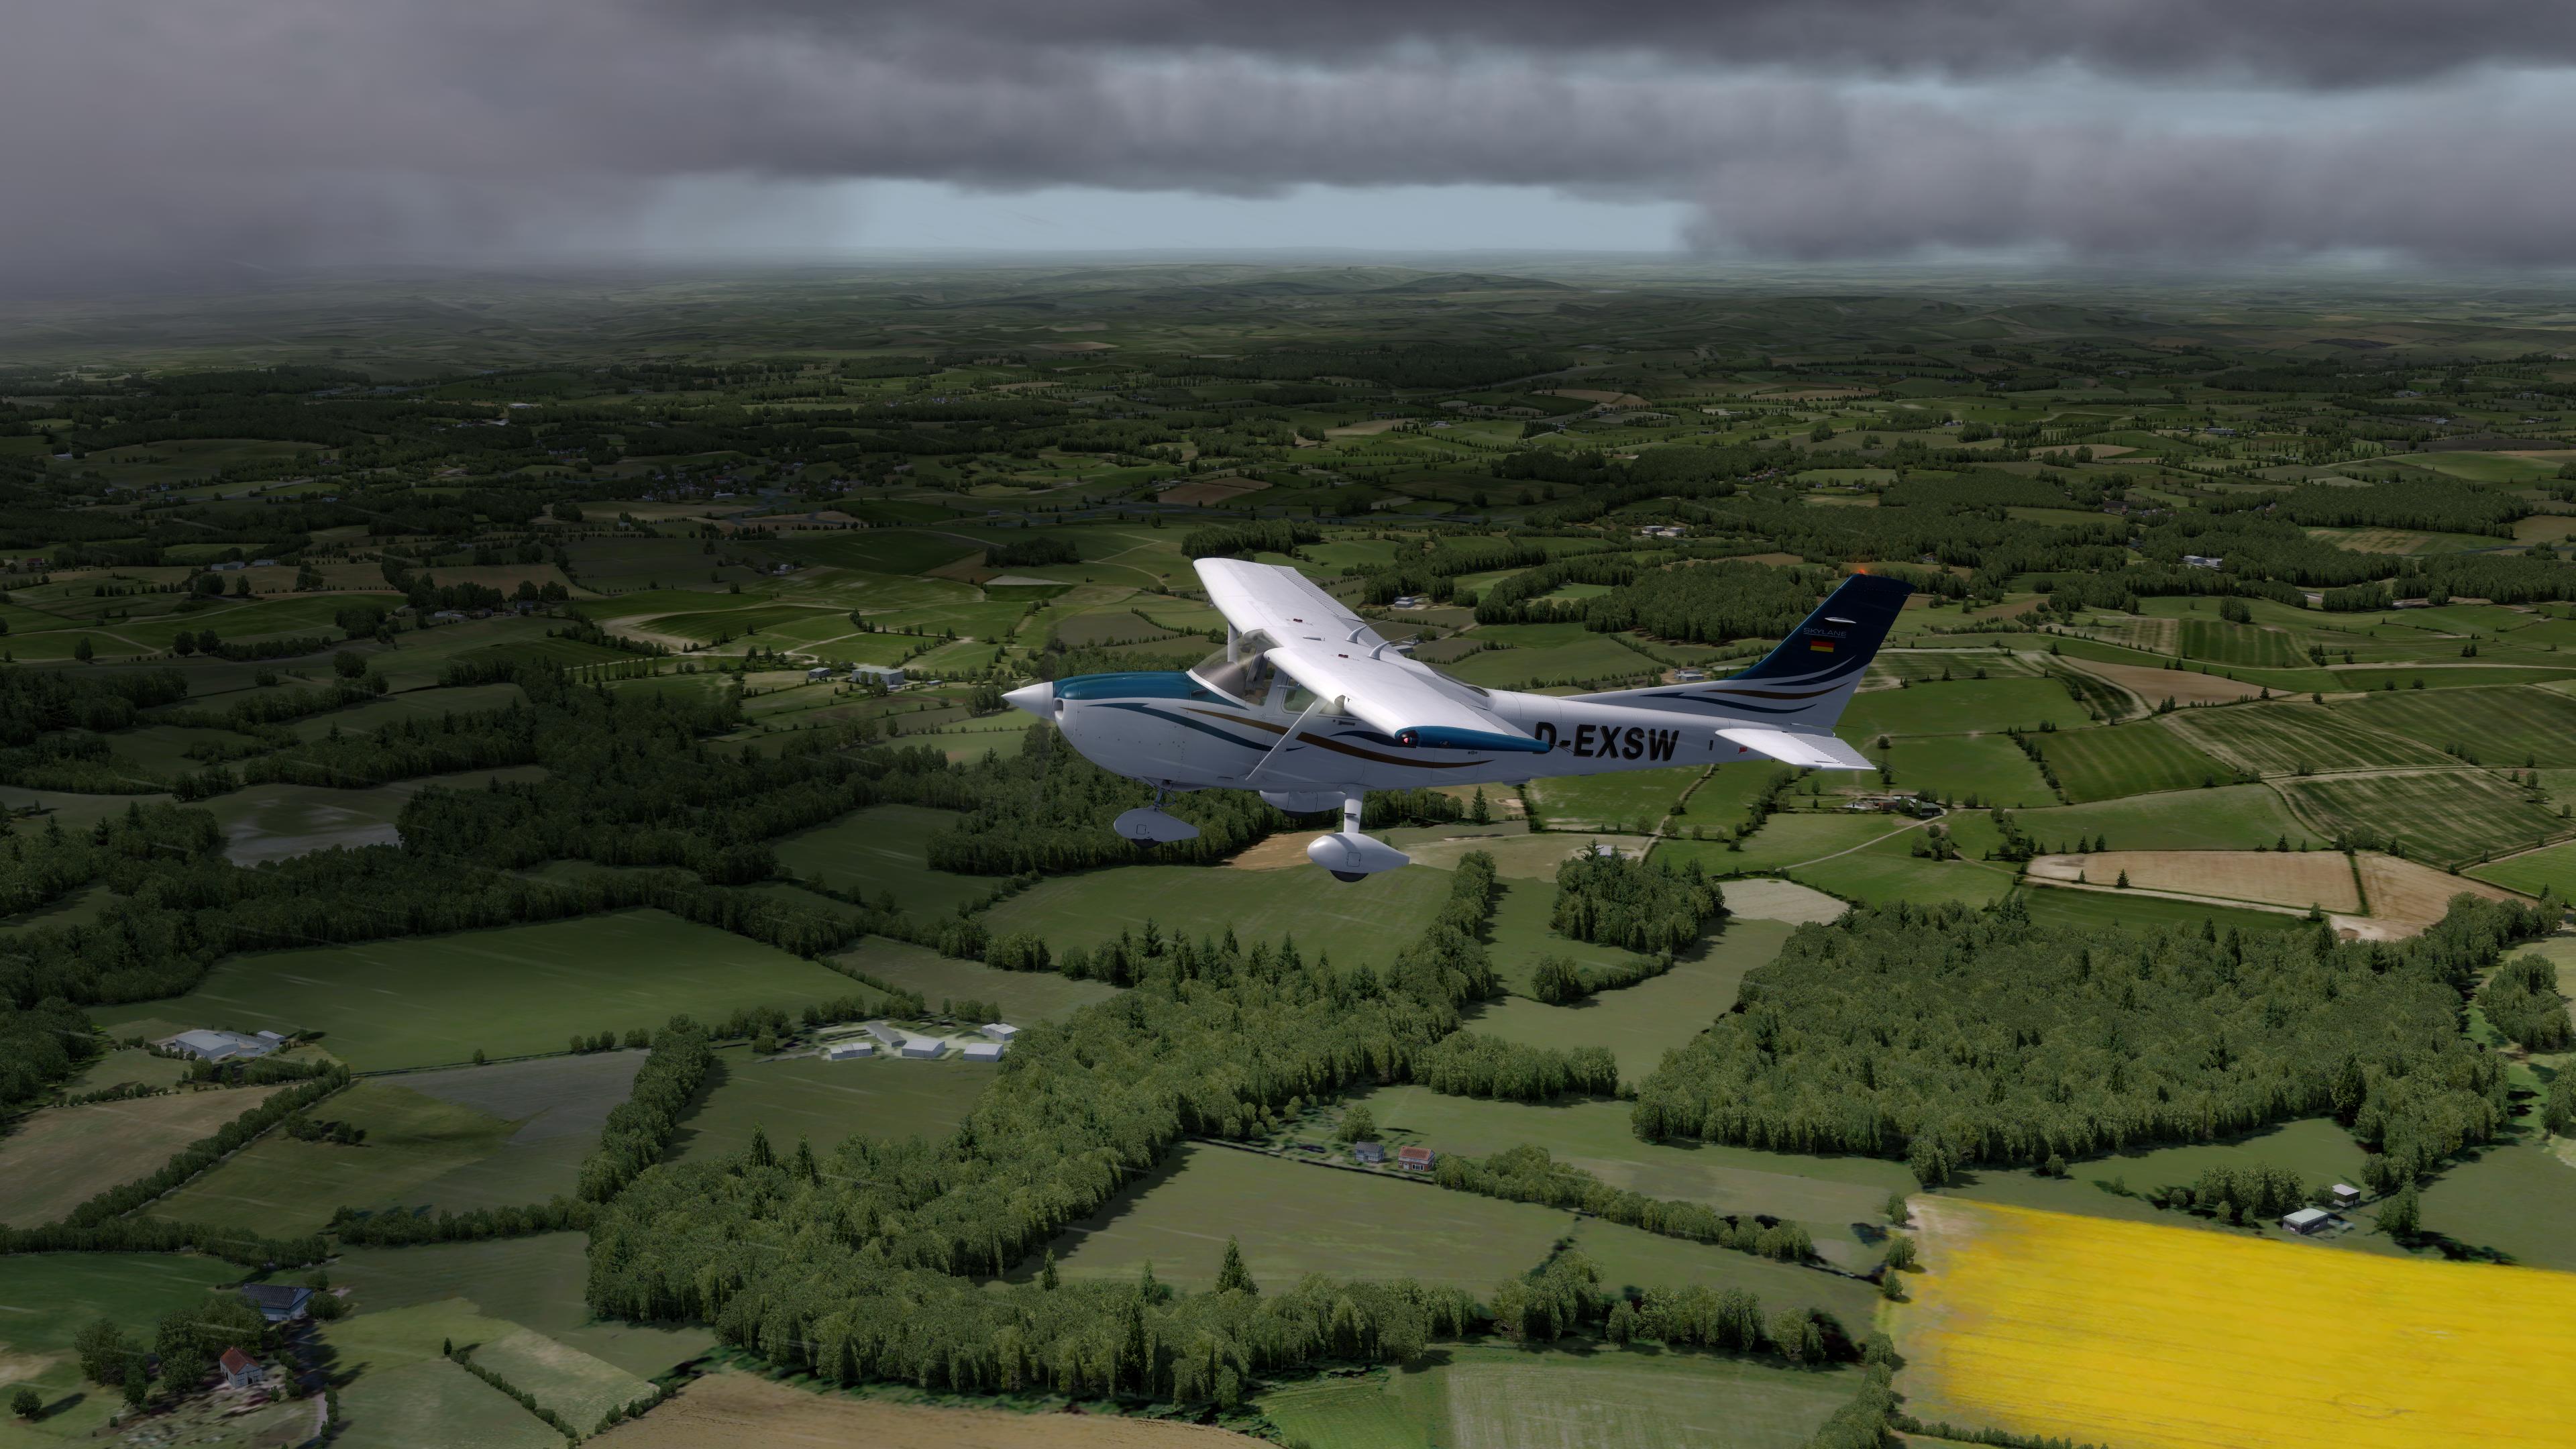 Showcasing A2a Simulation S Accu Sim C182 Skylane Add On